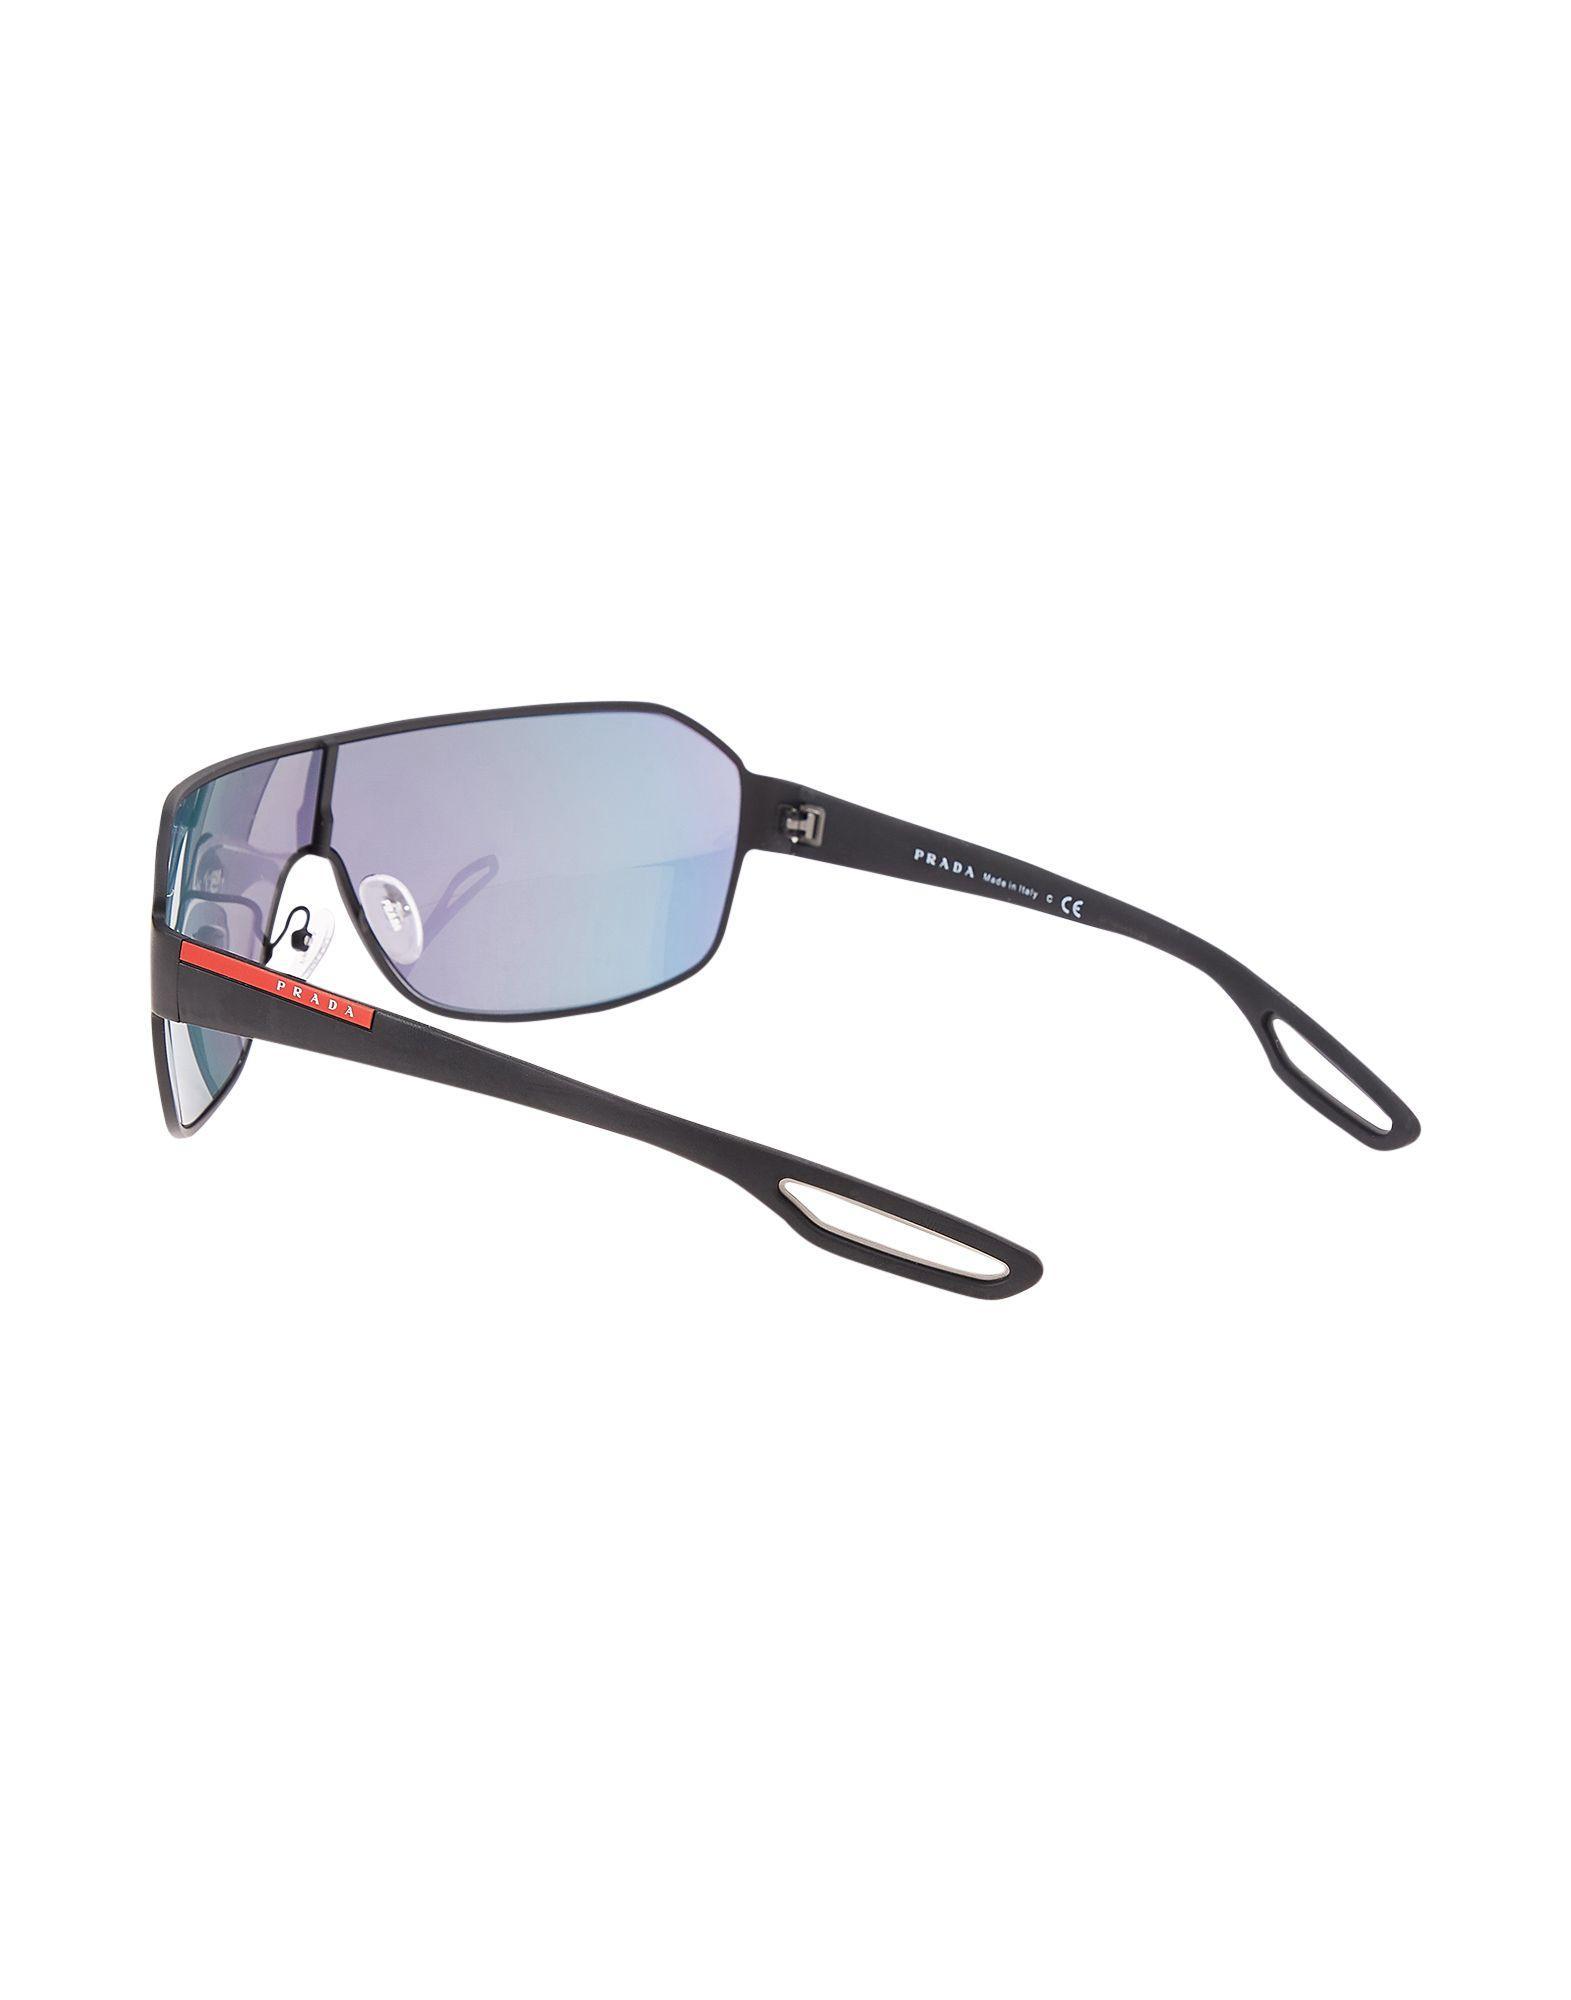 0ef7074c17 Lyst - Prada Sunglasses in Black for Men